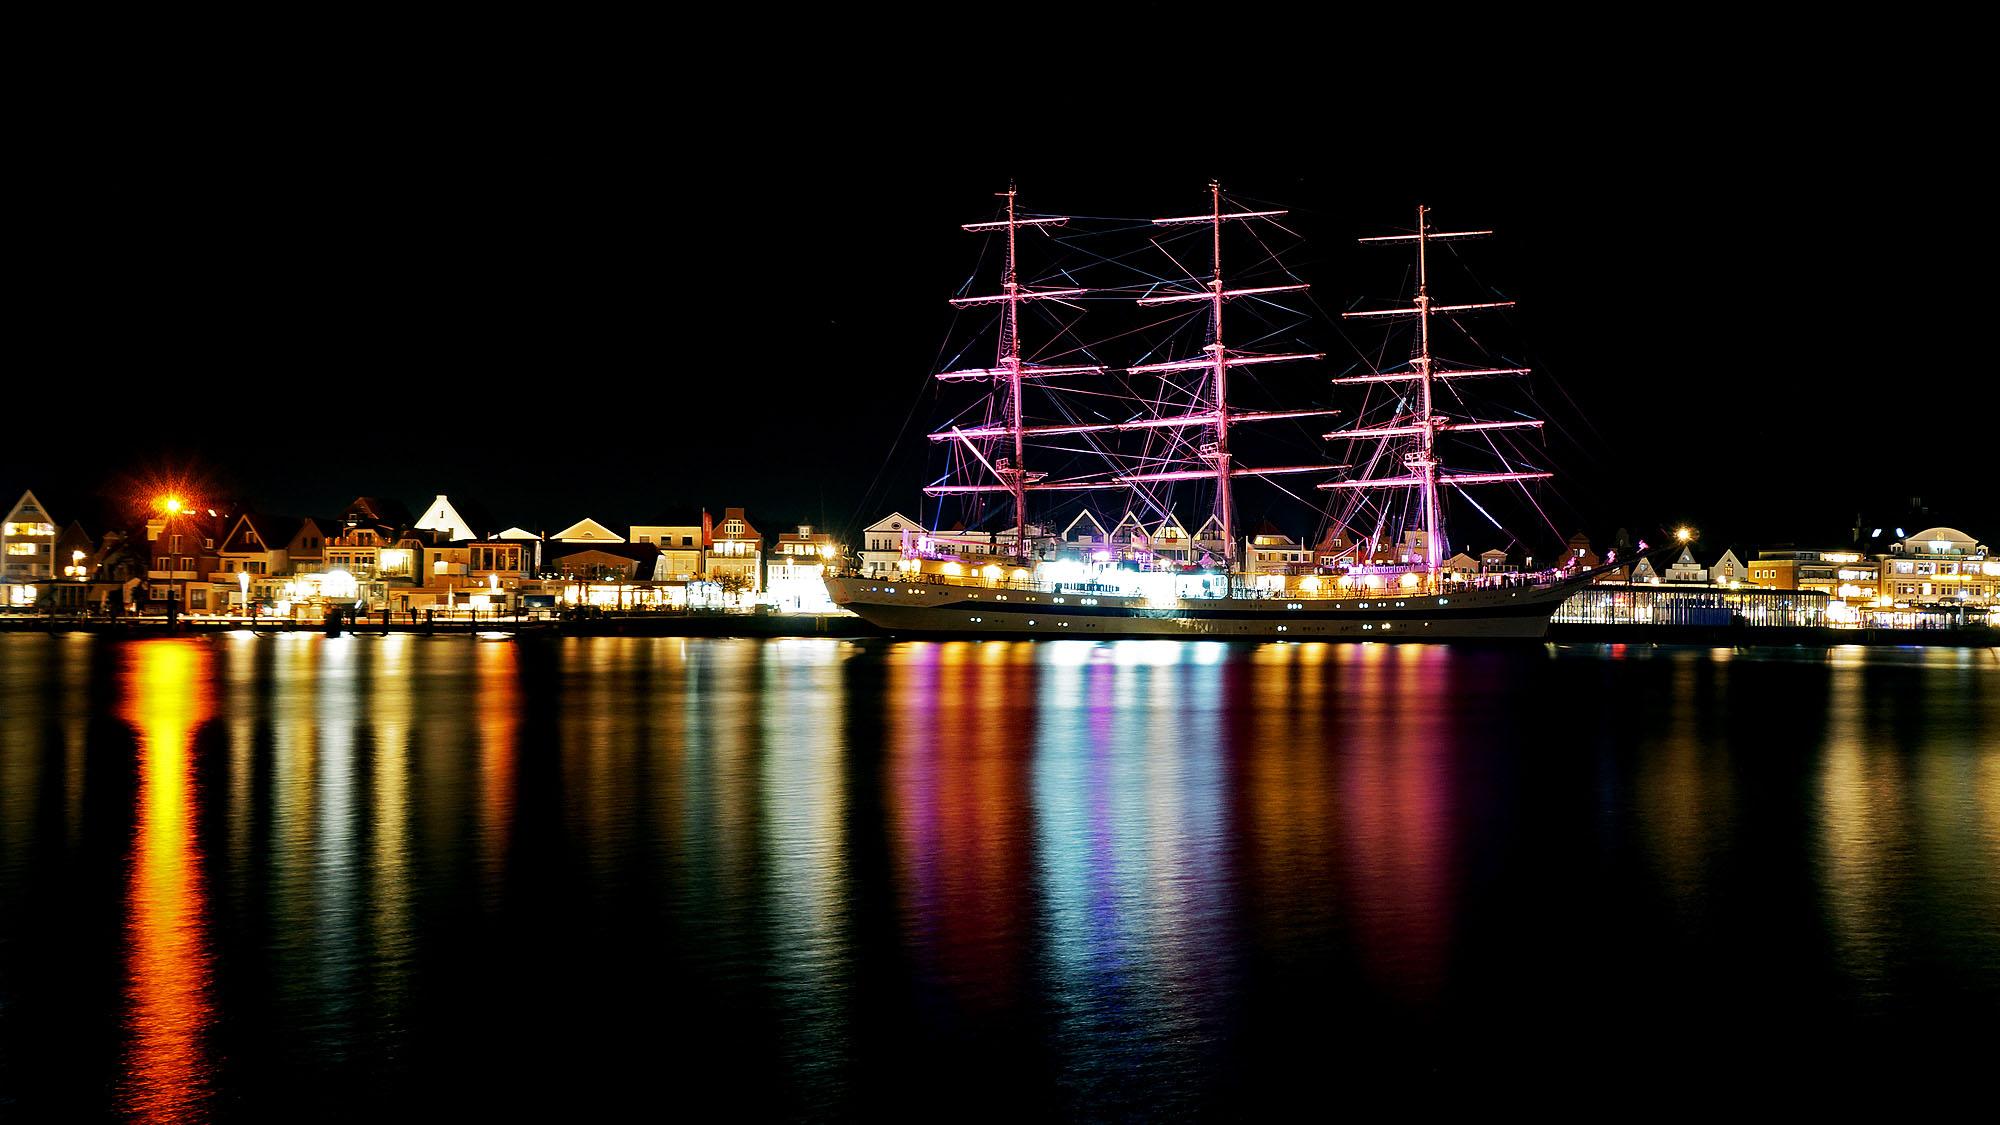 Das Segelschulschiff MIR am Kai in Travemünde bei Nacht